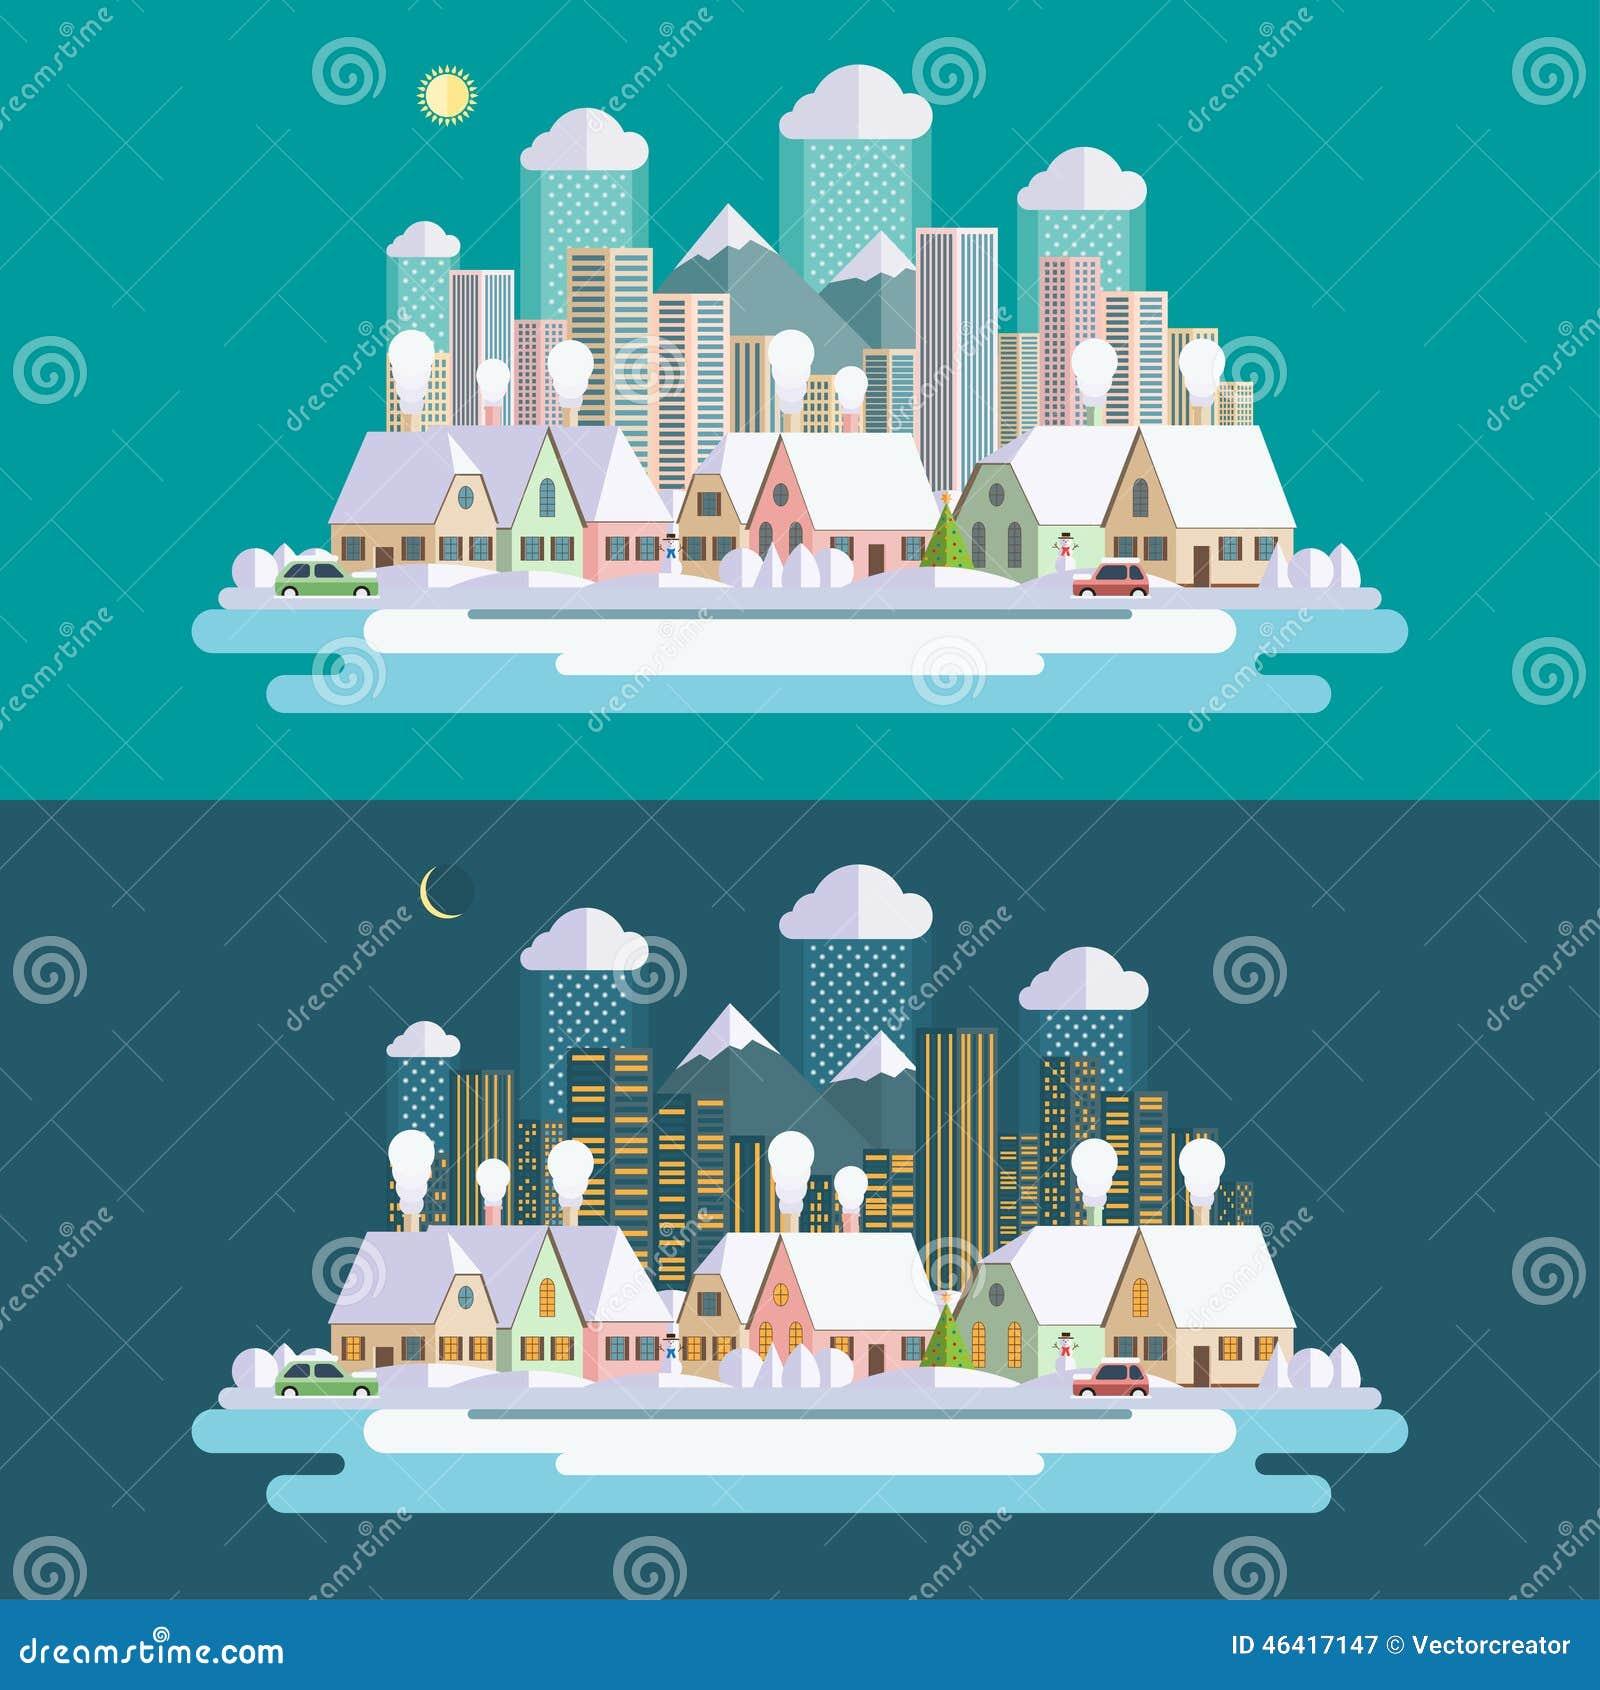 Landscape Design In A Day: Flat Design Urban Winter Landscape Illustration Stock